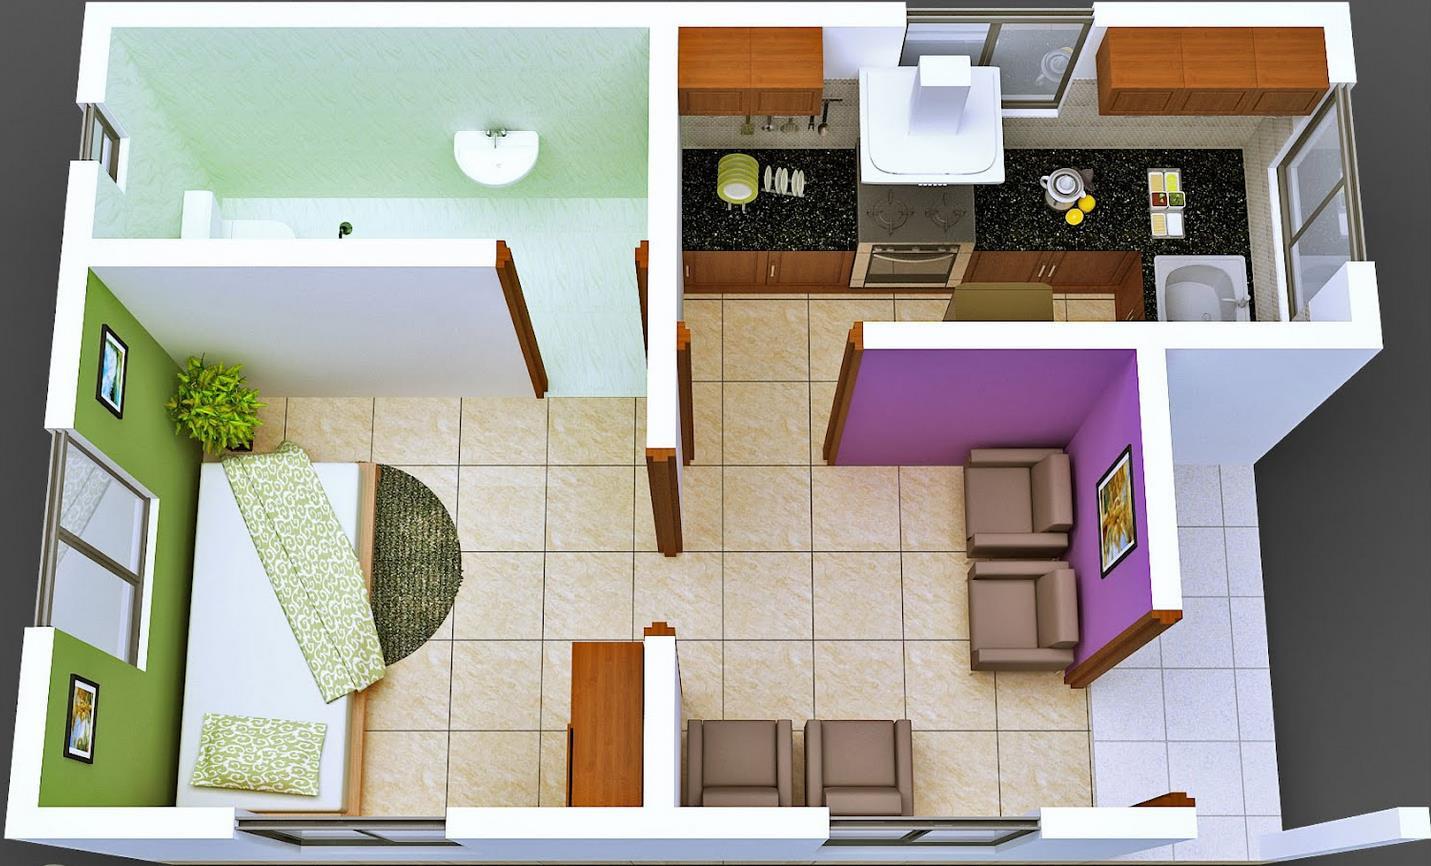 Planos de casas dormitorio con bano privada planos de casas for Pisos para departamentos pequenos